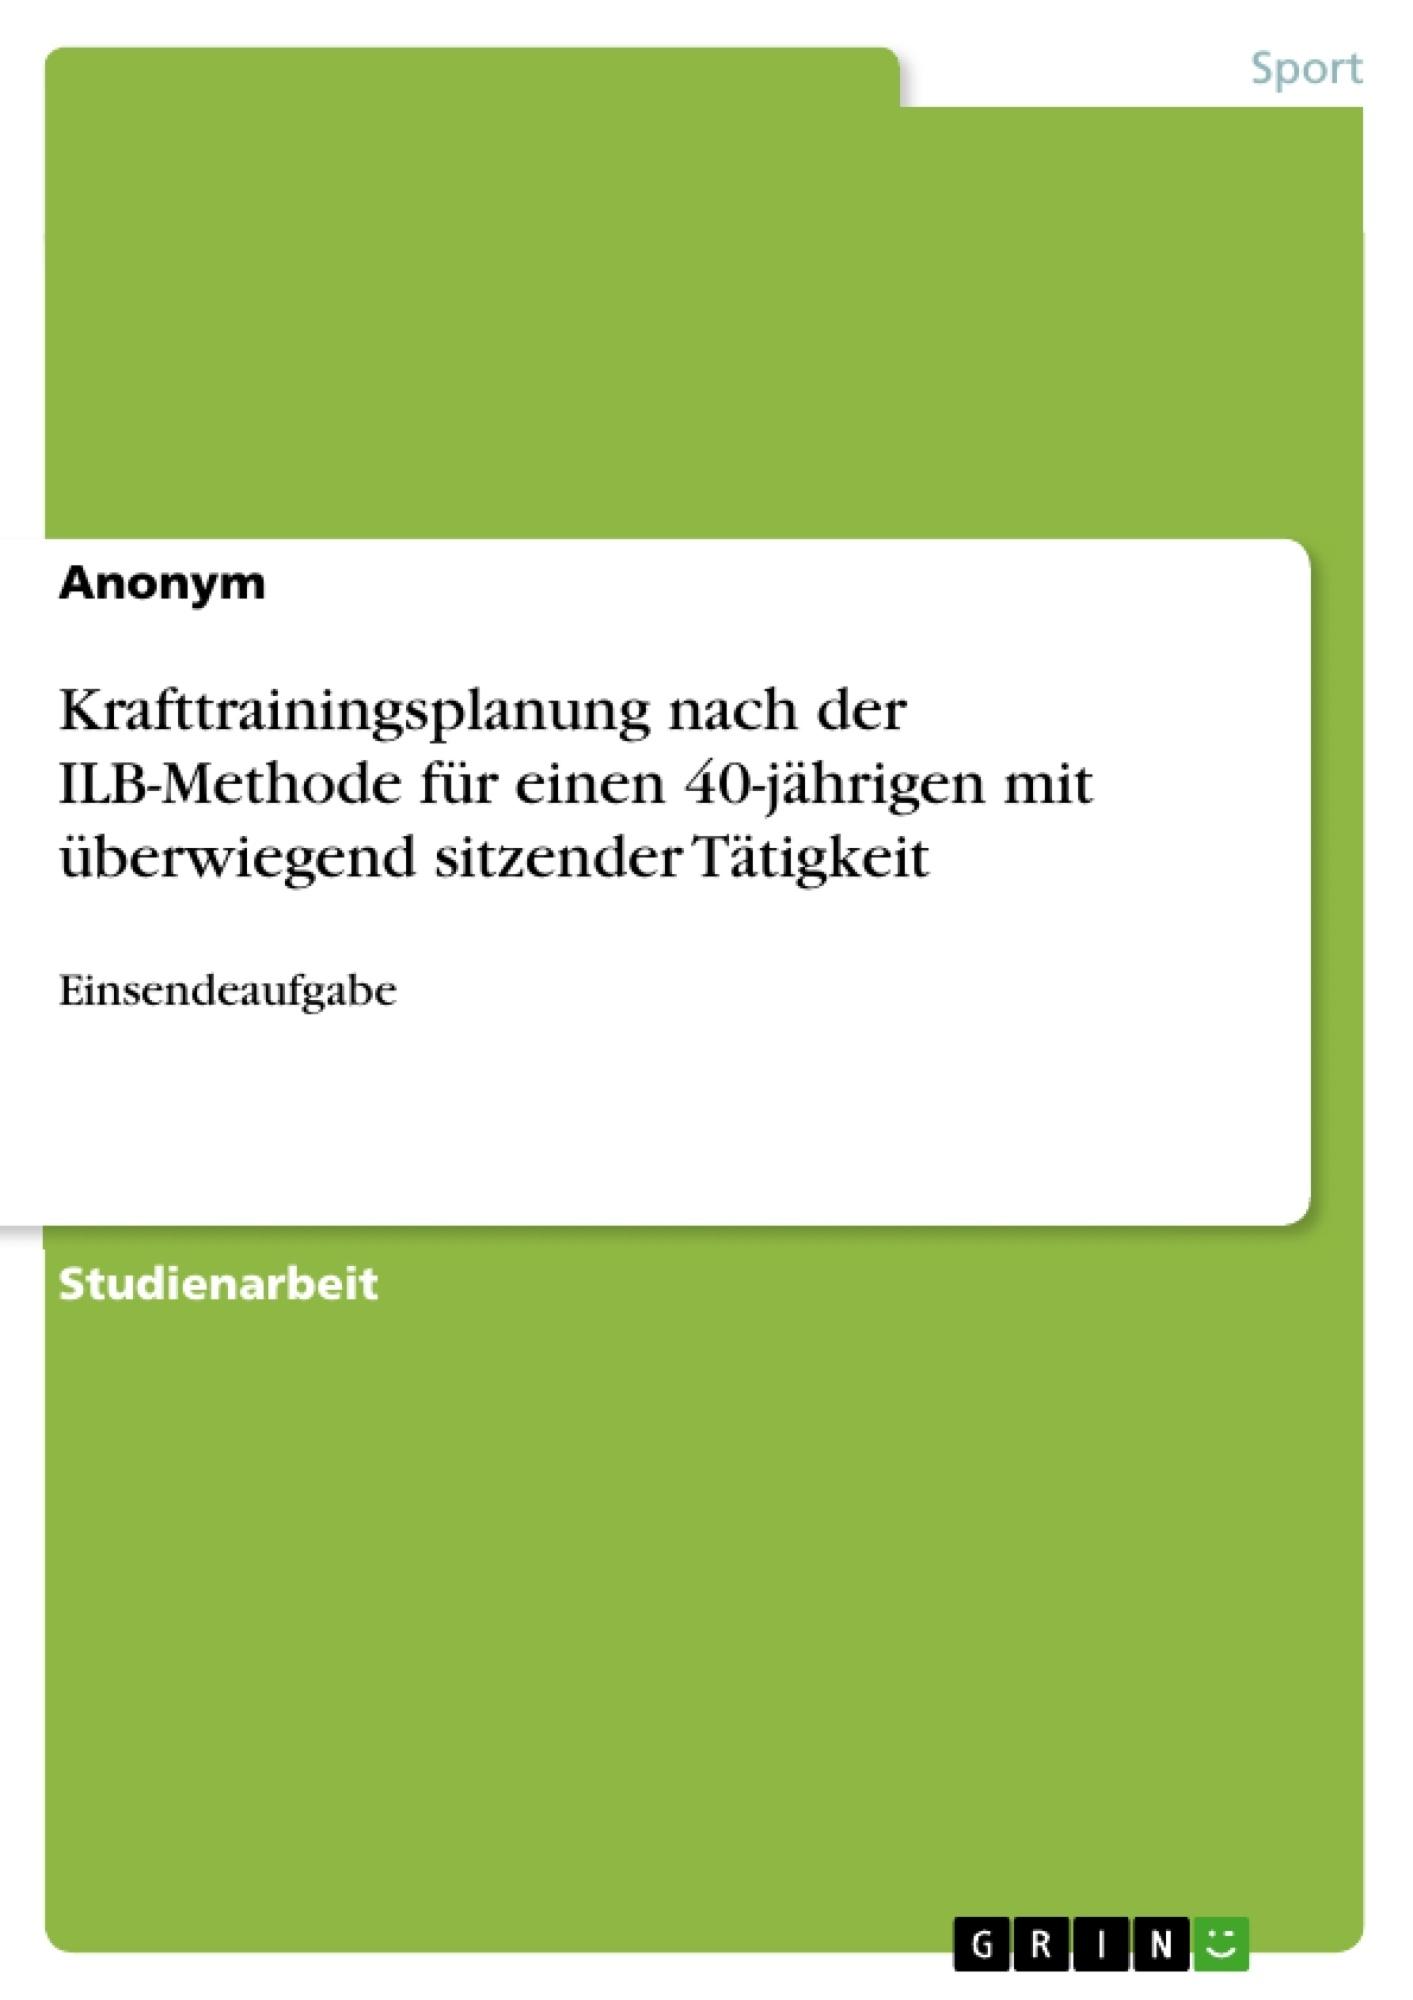 Titel: Krafttrainingsplanung nach der ILB-Methode für einen 40-jährigen mit überwiegend sitzender Tätigkeit